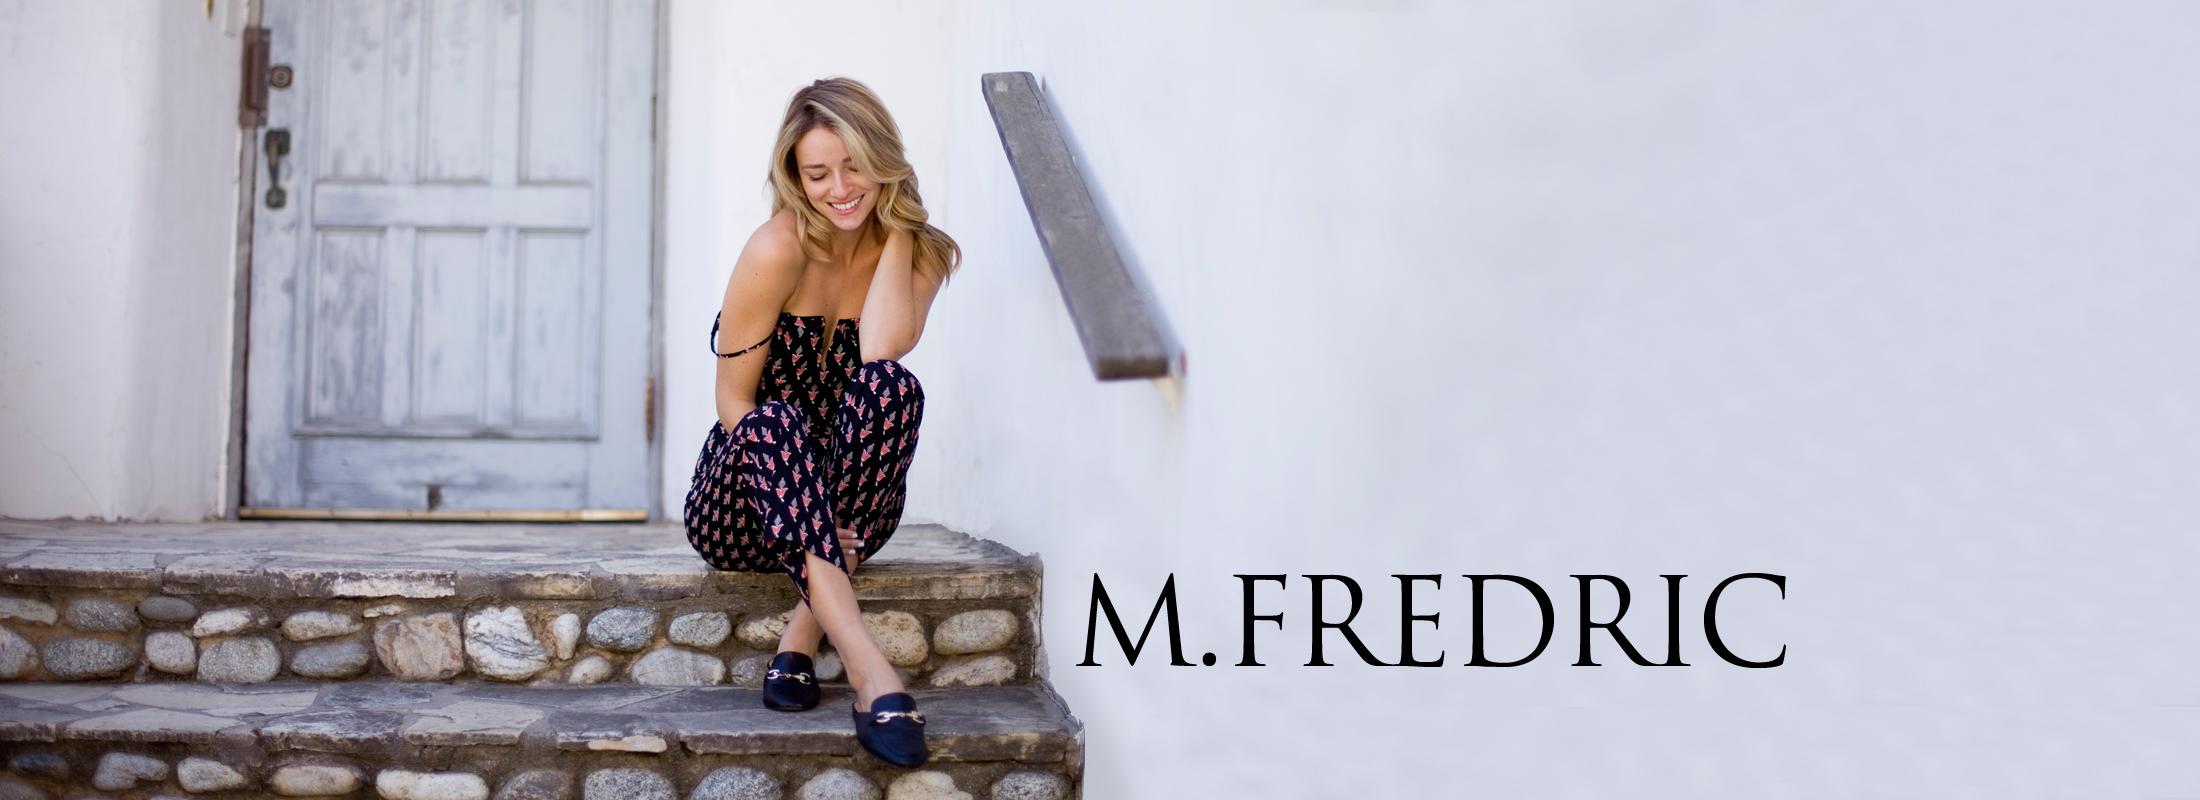 M.FREDRIC